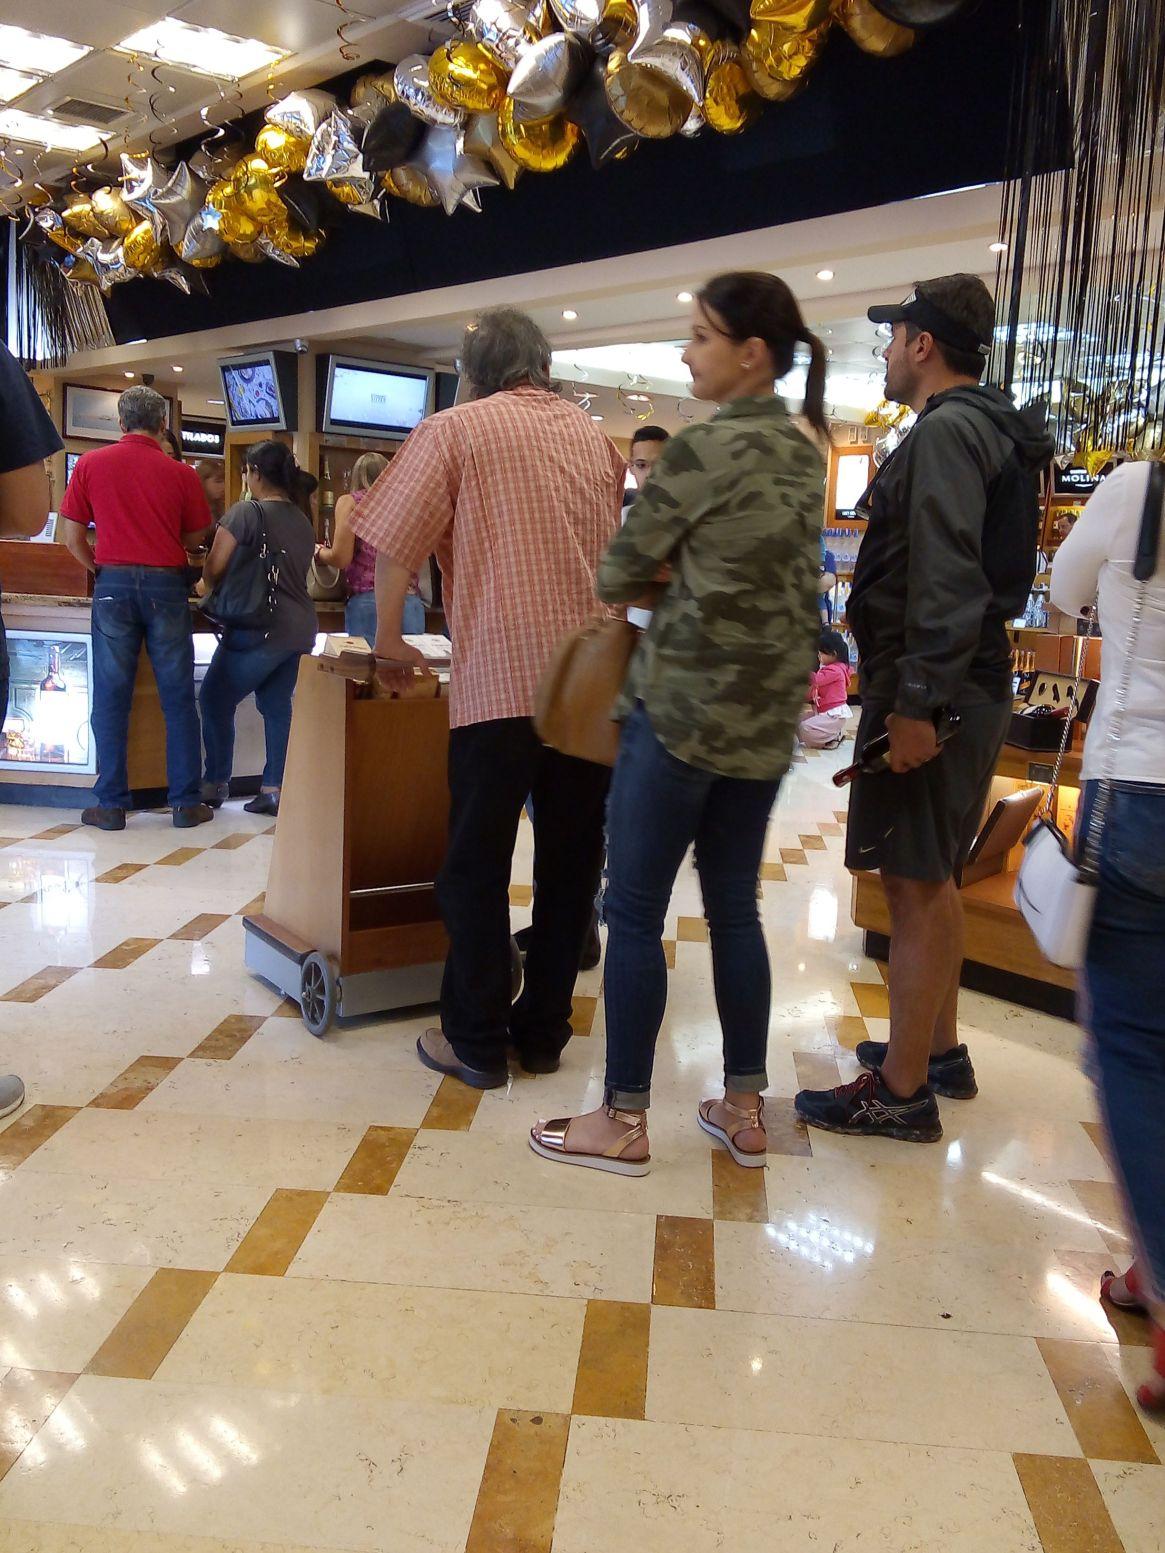 Una fila en una tienda de licores y productos importados de Caracas